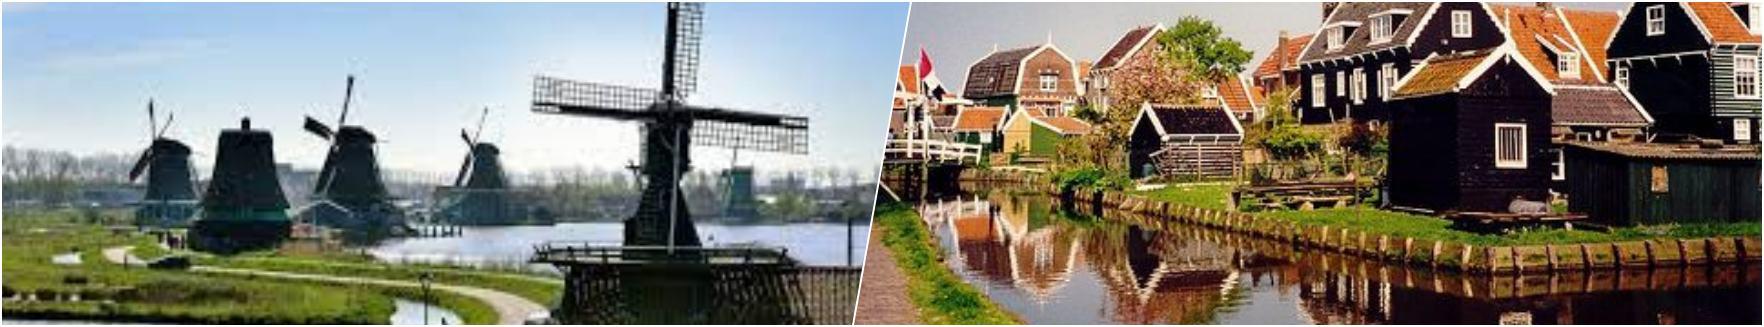 Zaanse Schans - Volendam